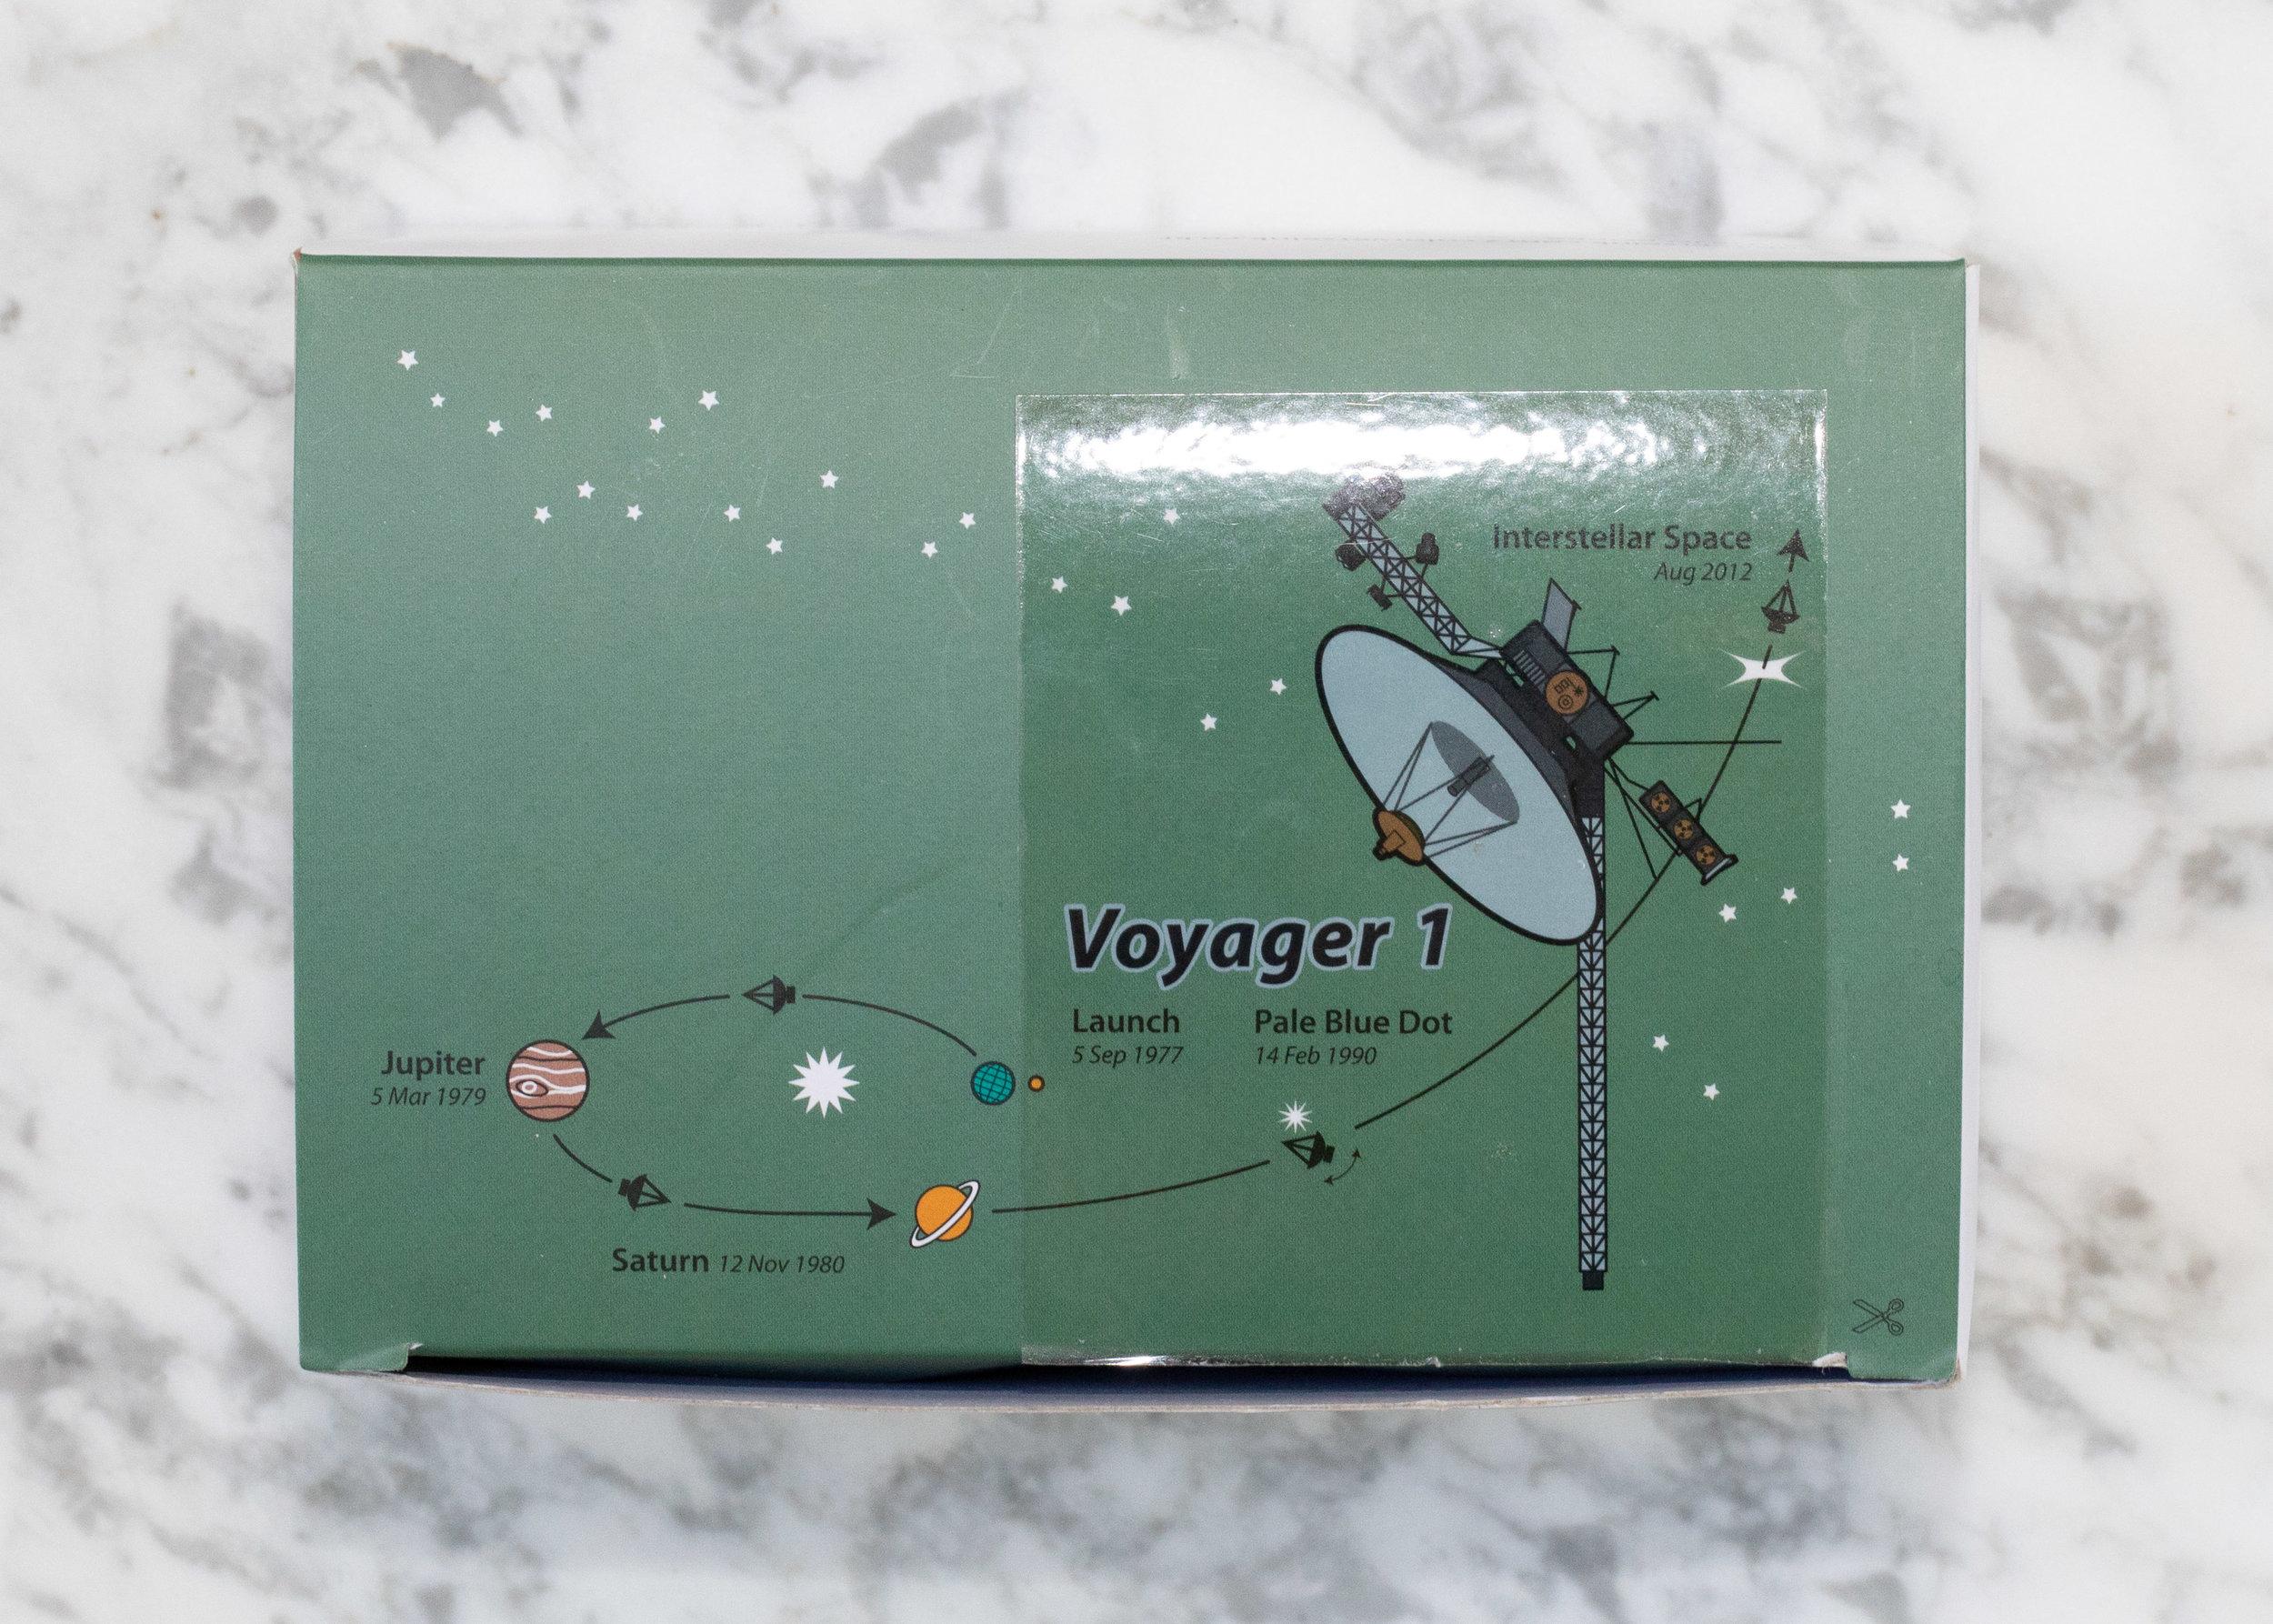 cv-voyager1-w-4.jpg